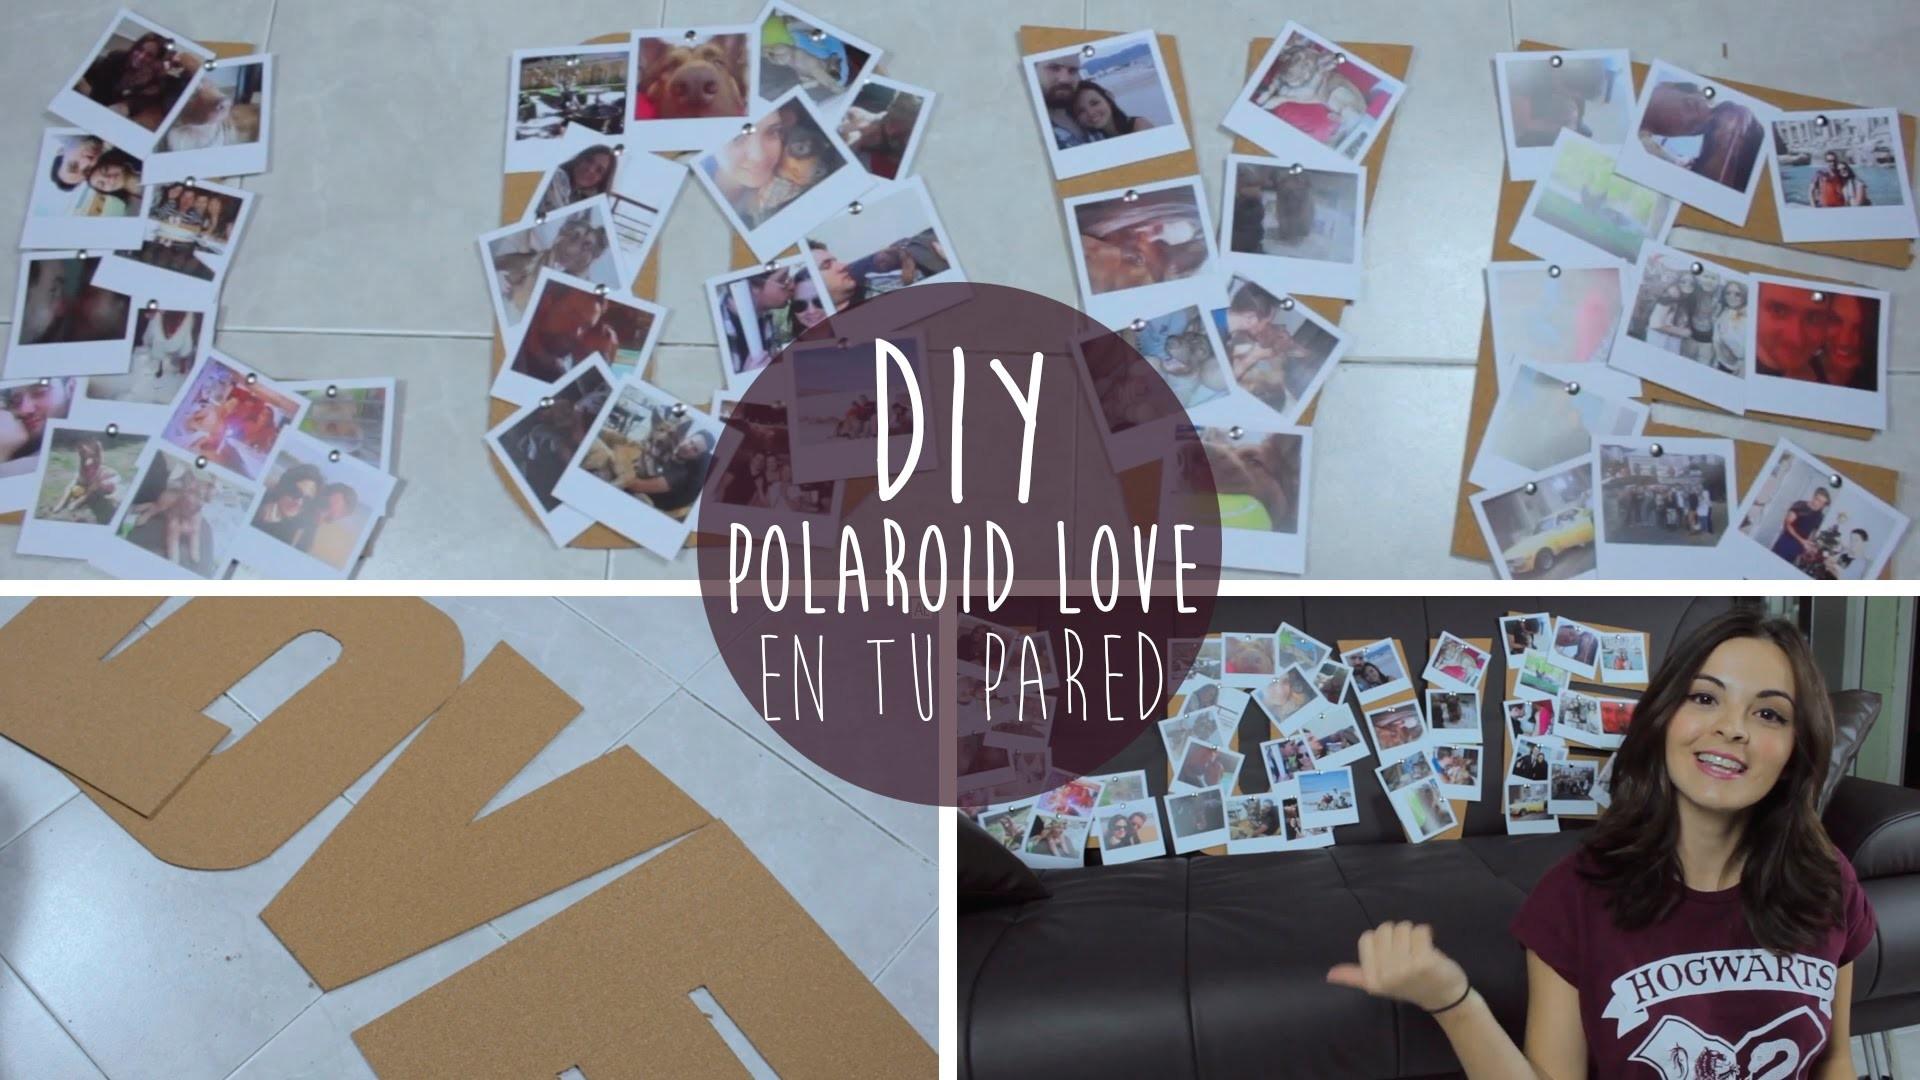 DIY: Polaroid LOVE en tu pared (decora tu habitación)